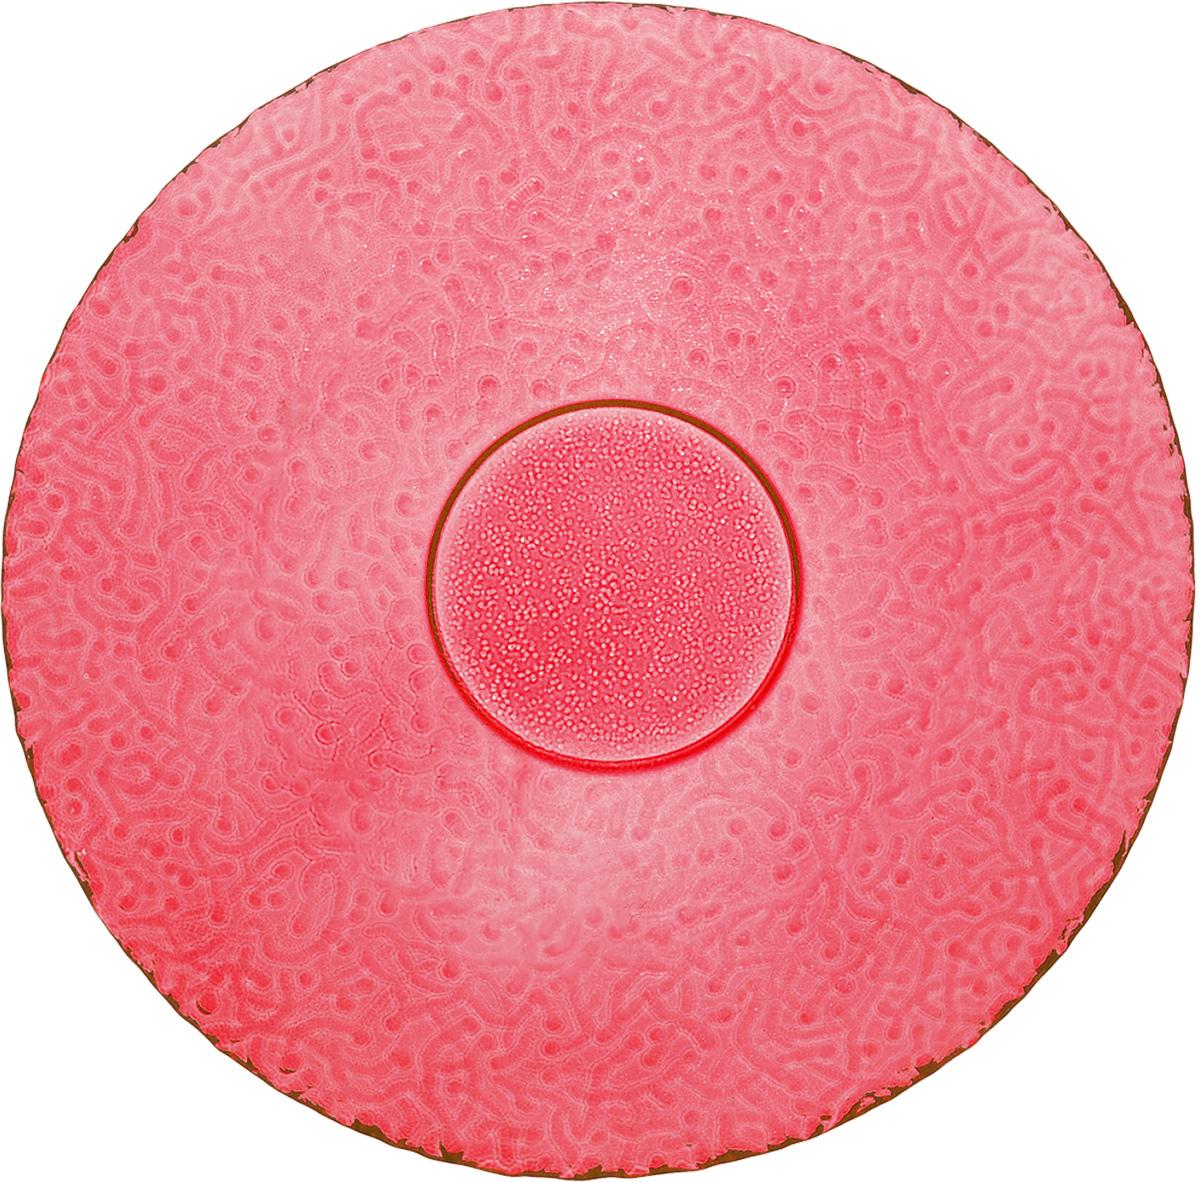 Тарелка NiNaGlass Ажур, цвет: рубиновый, диаметр 21 см115510Тарелка NiNaGlass Ажур выполнена из высококачественного стекла и имеет рельефную поверхность. Она прекрасно впишется в интерьер вашей кухни и станет достойным дополнением к кухонному инвентарю. Тарелка NiNaGlass Ажур подчеркнет прекрасный вкус хозяйки и станет отличным подарком. Диаметр тарелки: 21 см. Высота: 2,5 см.